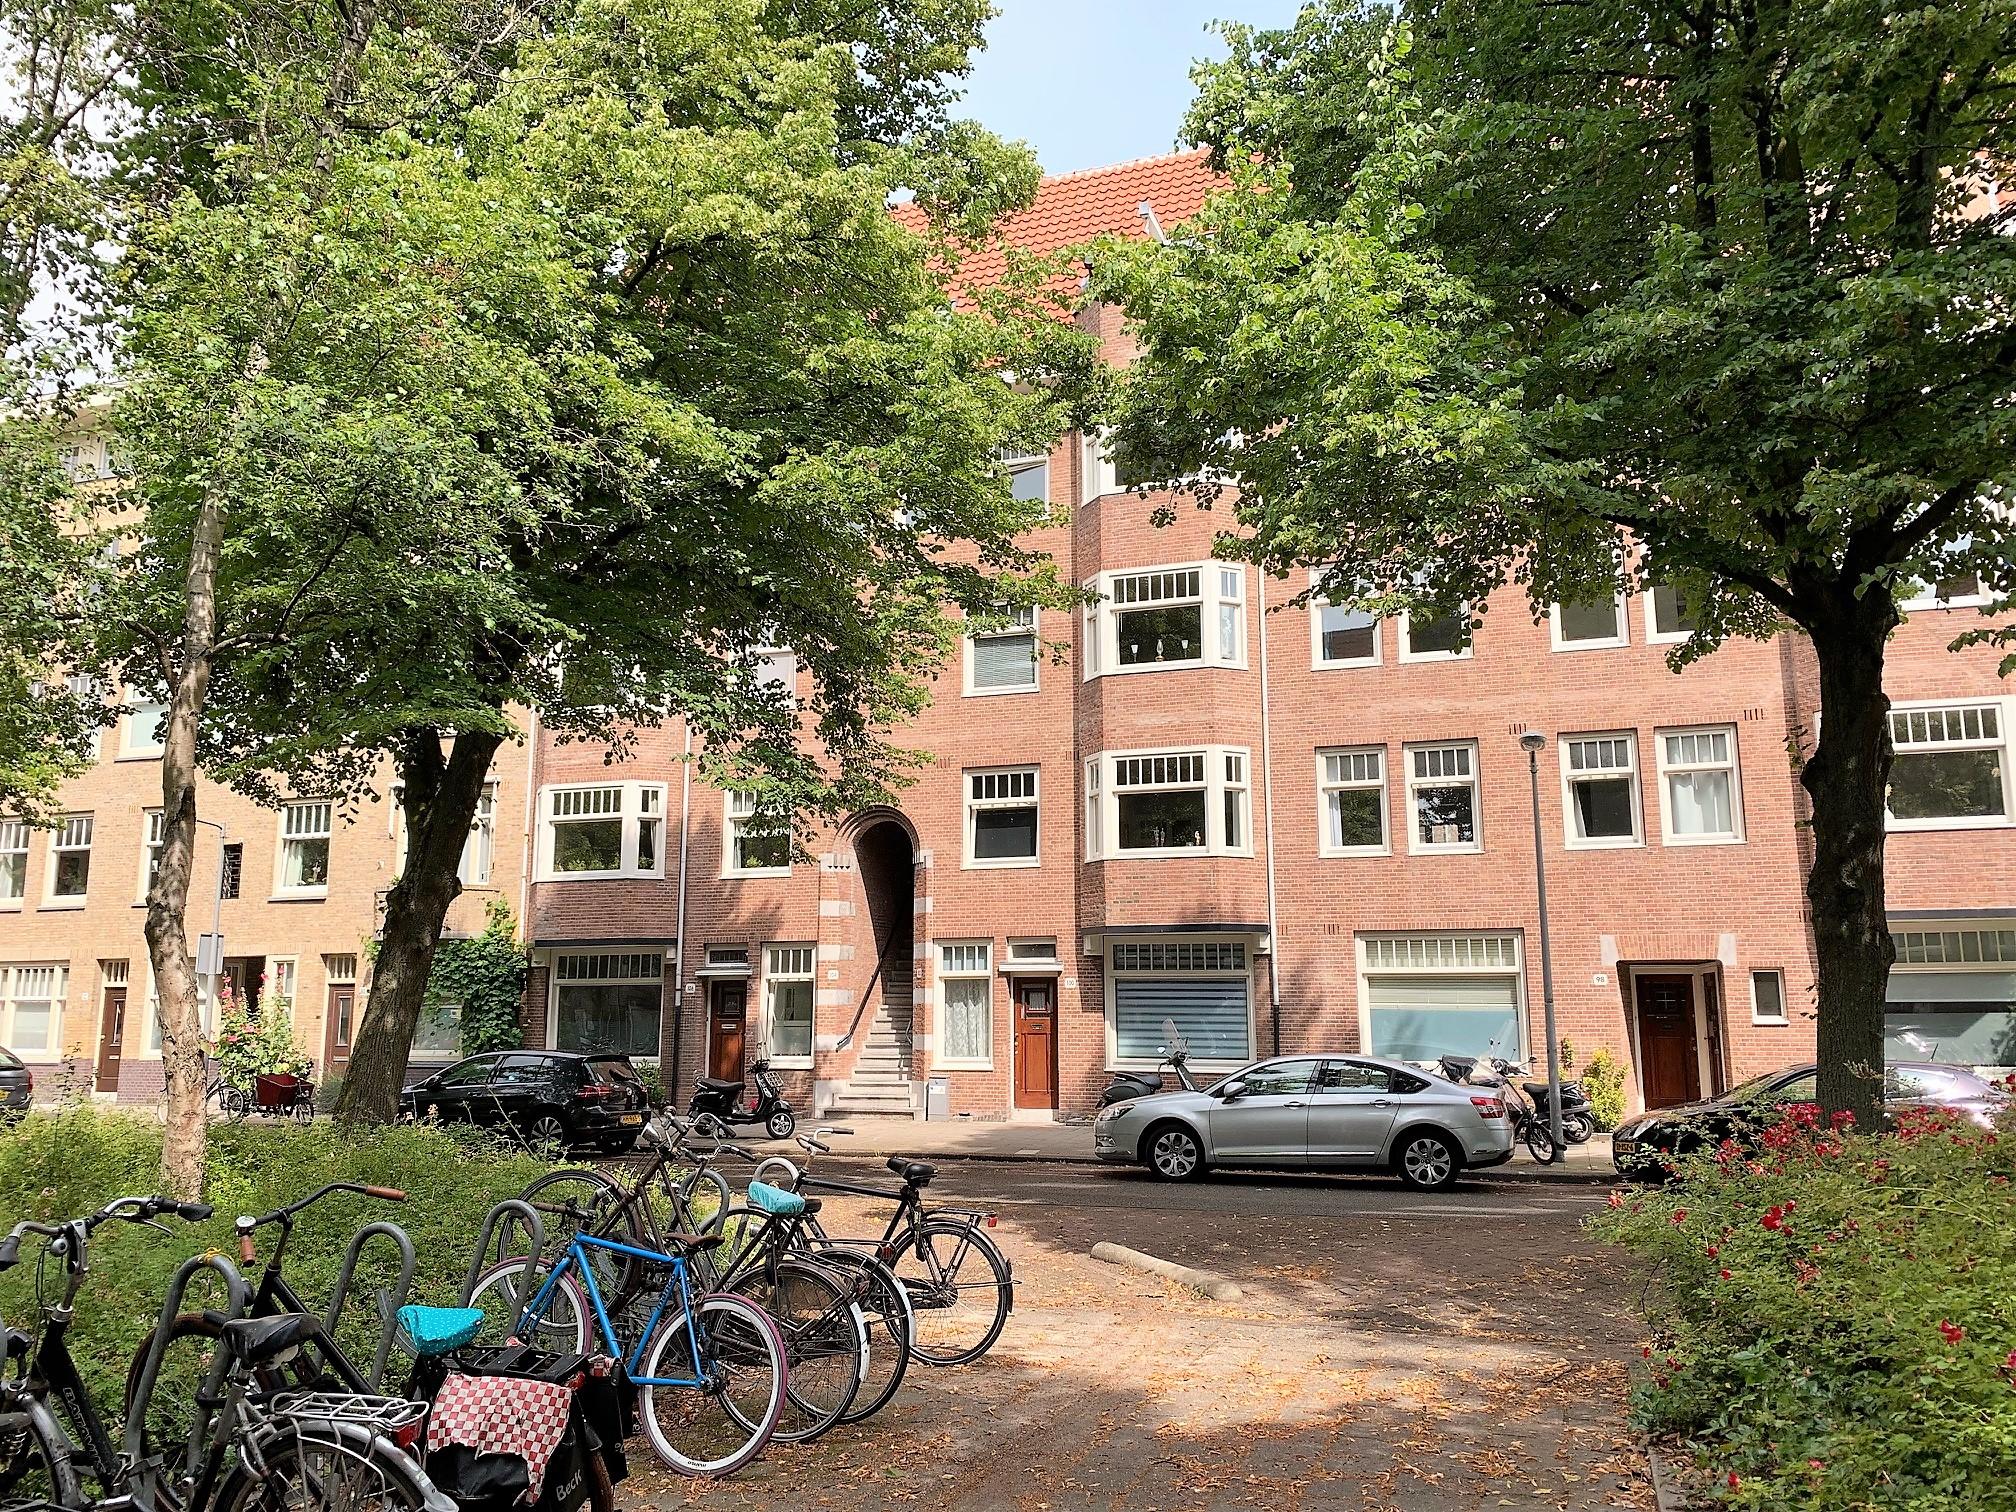 Van Tuyll van Serooskerkenweg